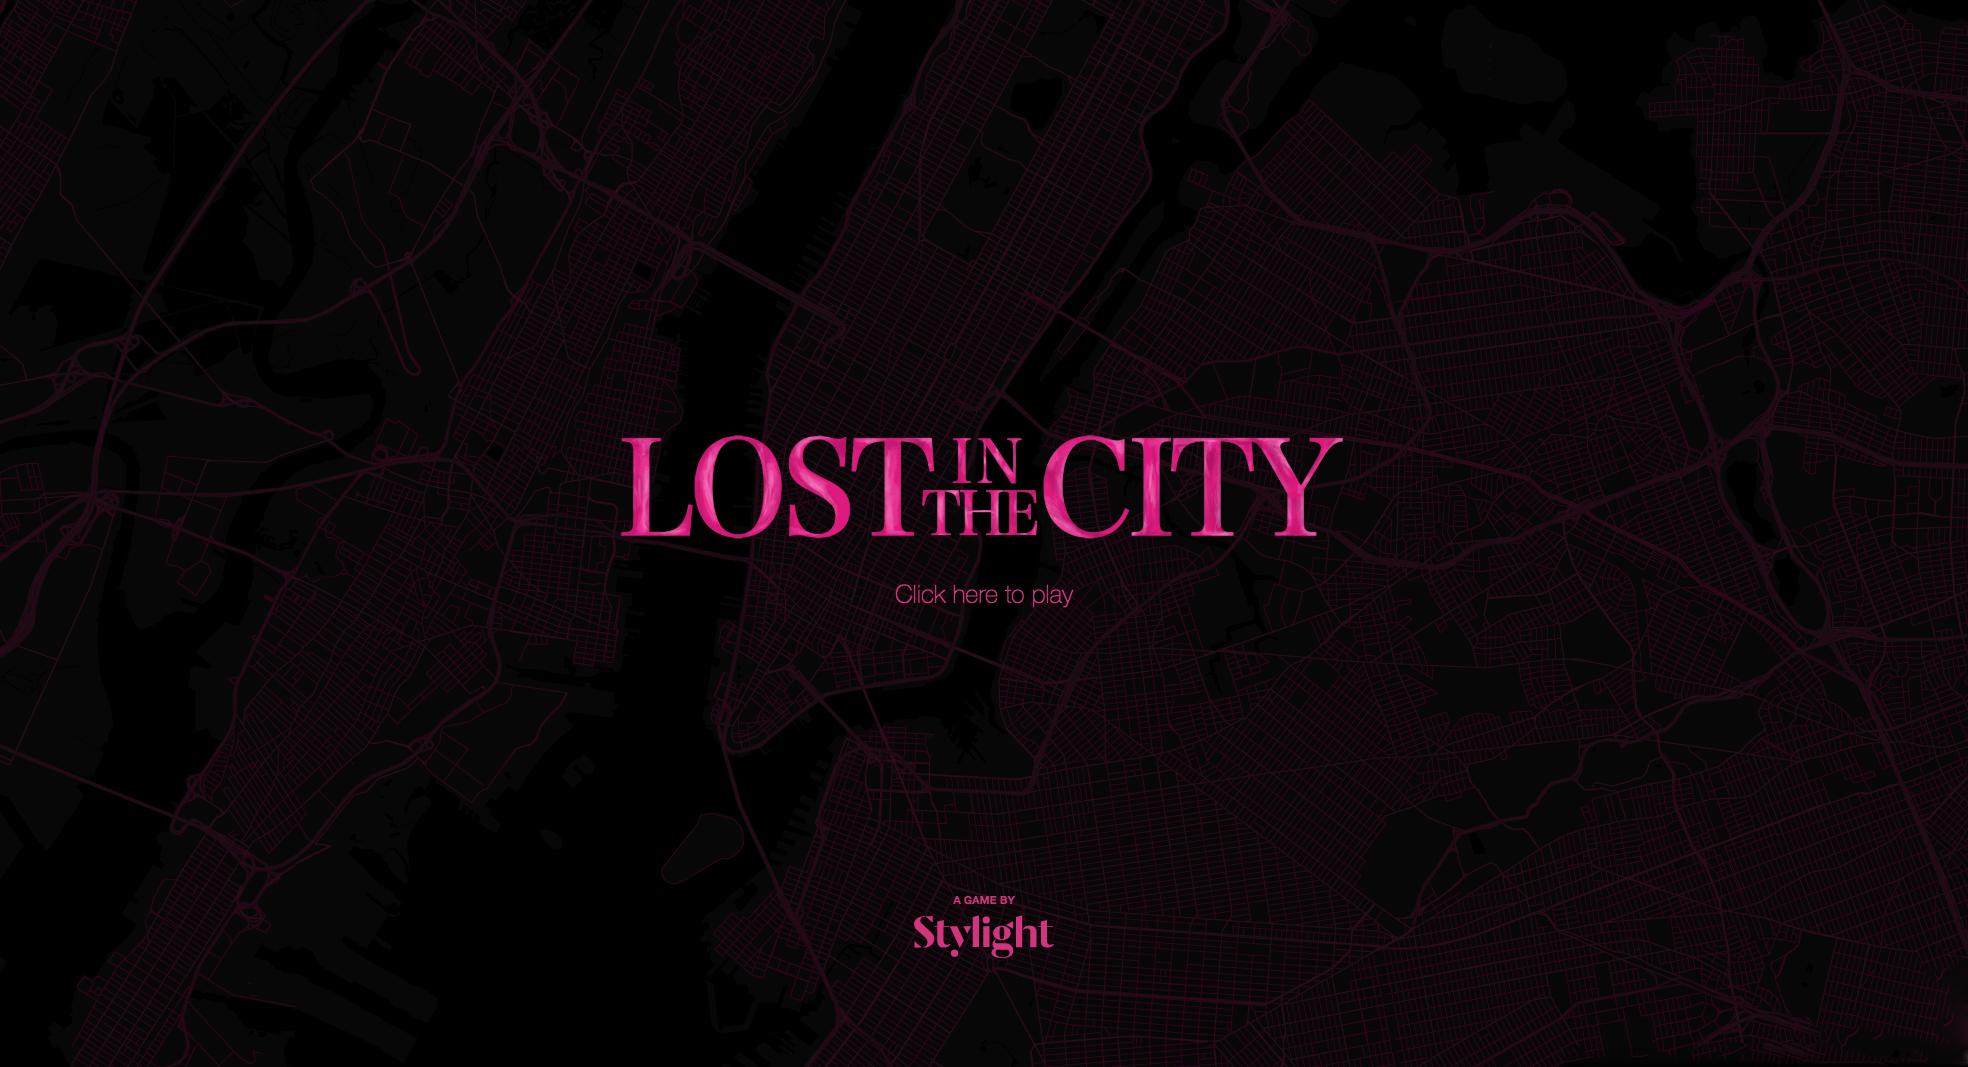 Martin_Schumacher Visuelle_Kommunikation Lost in the City